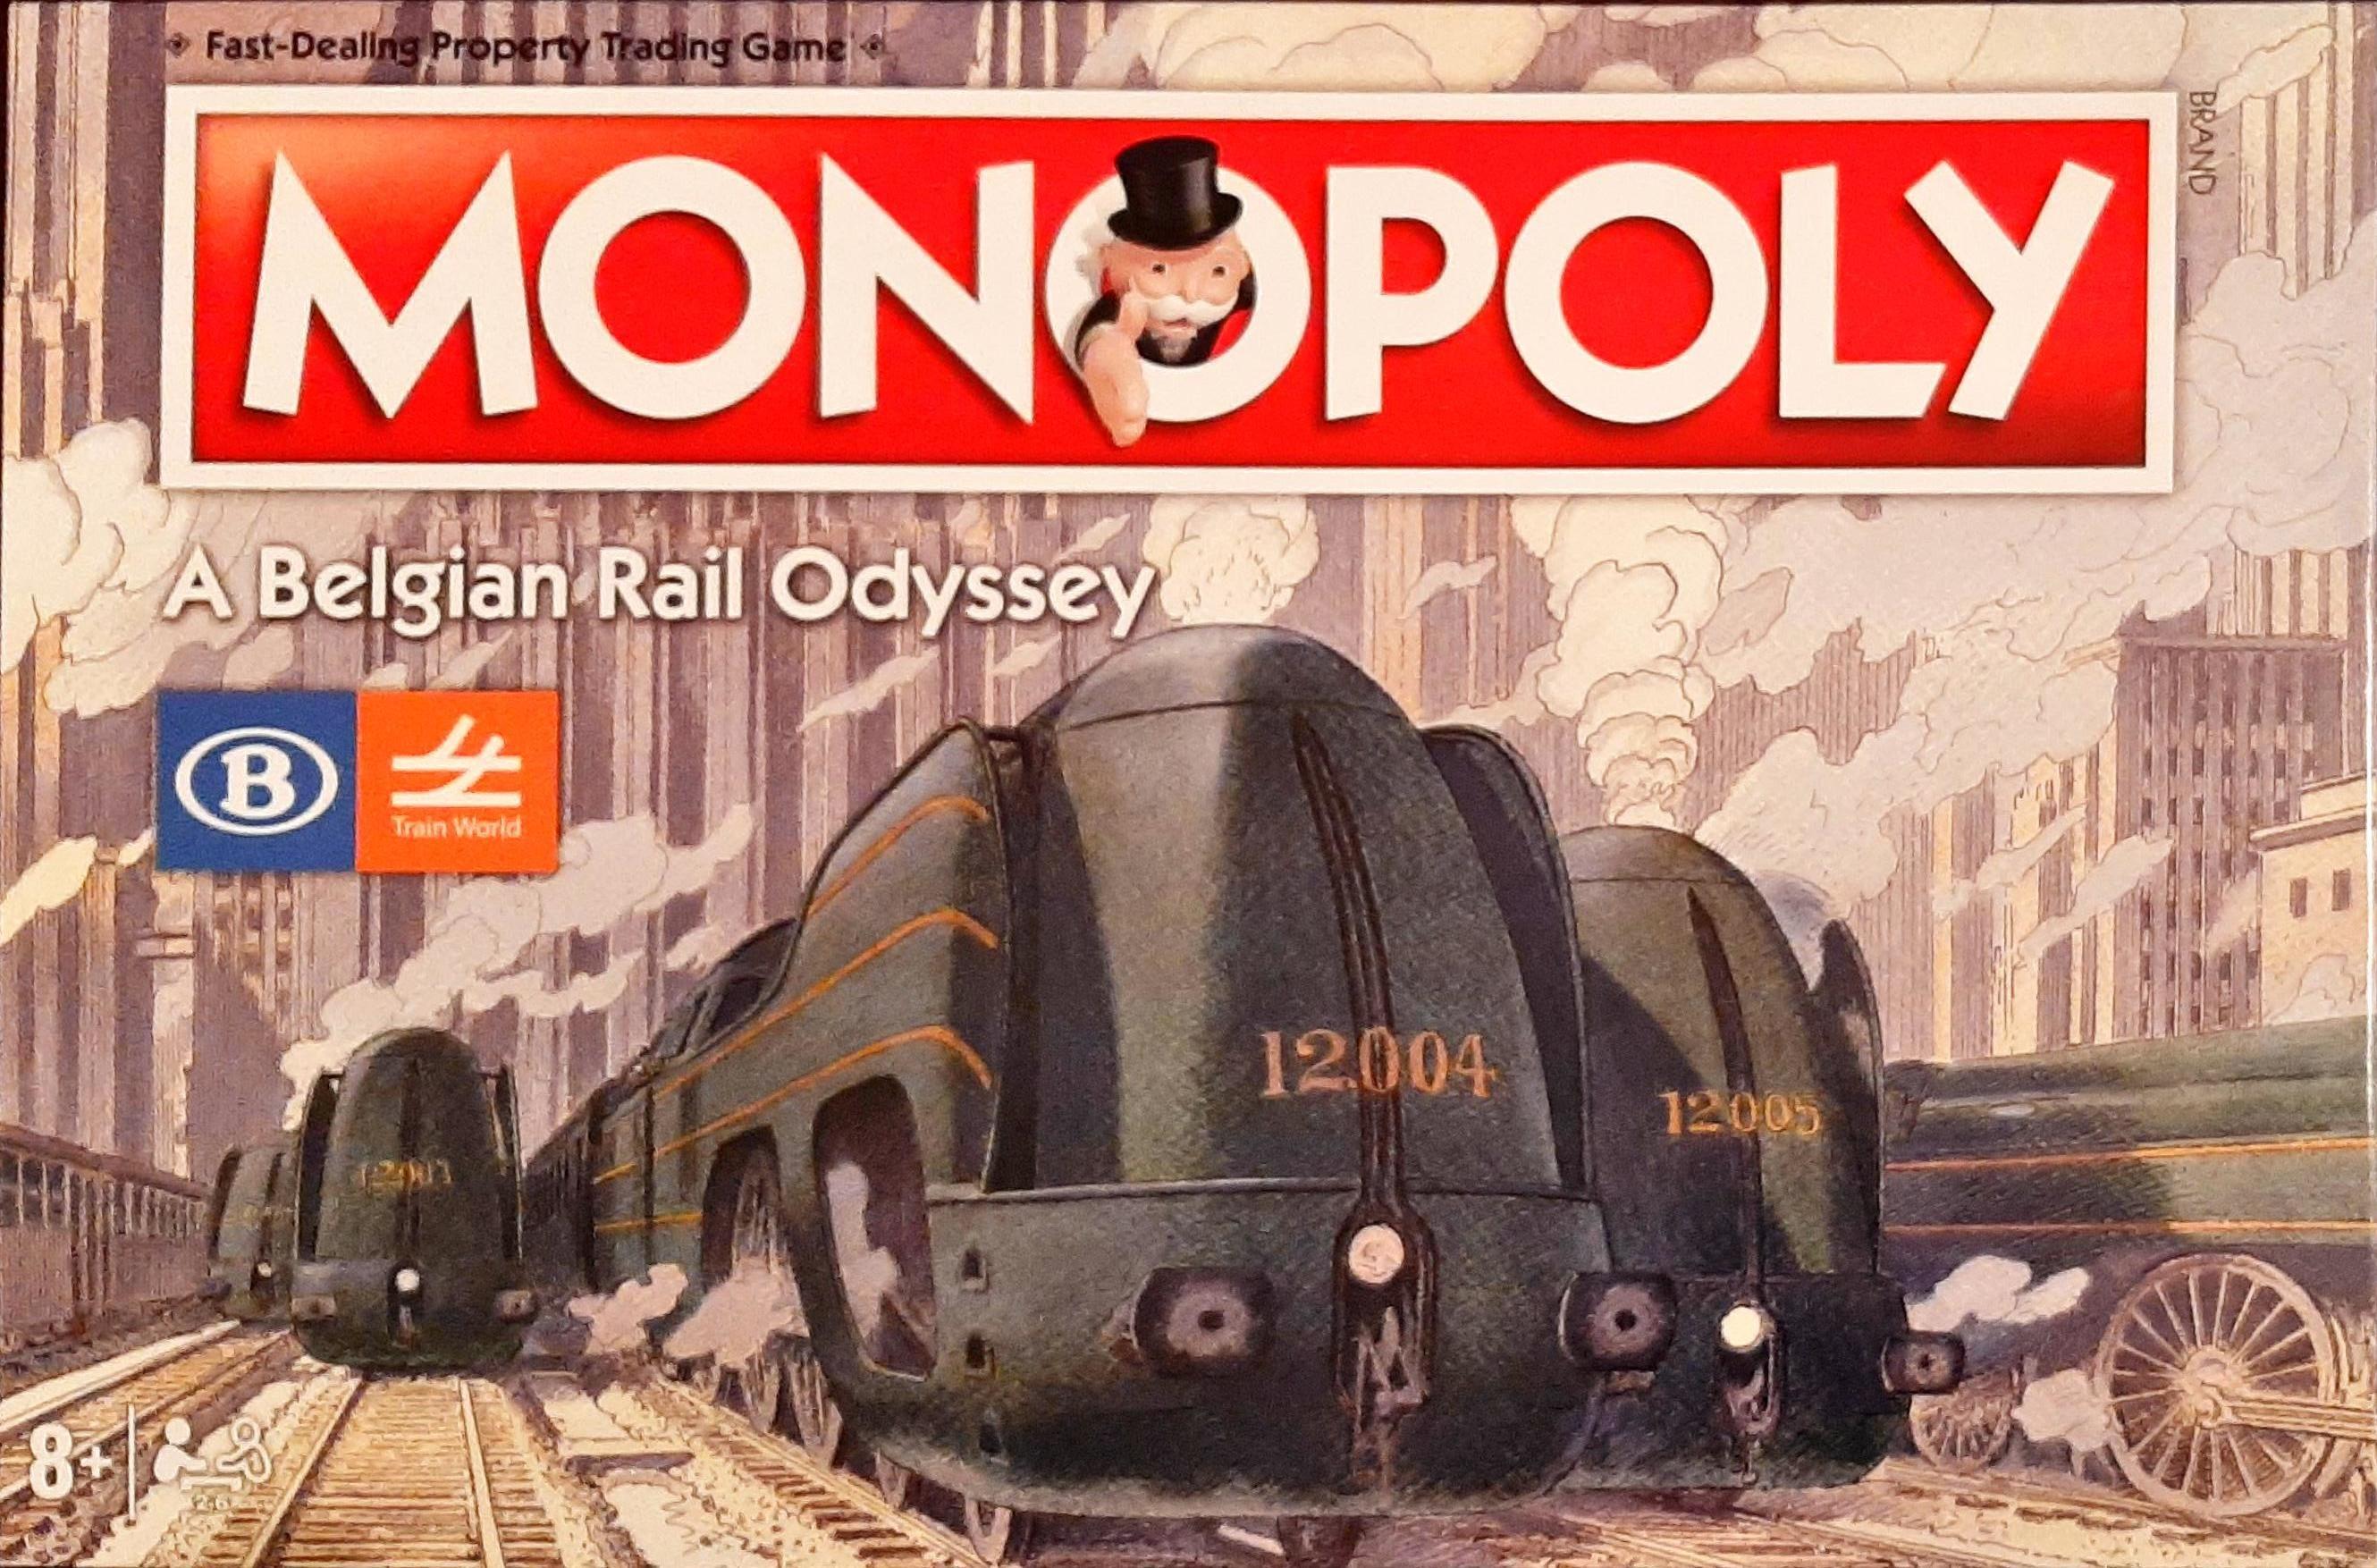 Monopoly: A Belgian Rail Odyssey